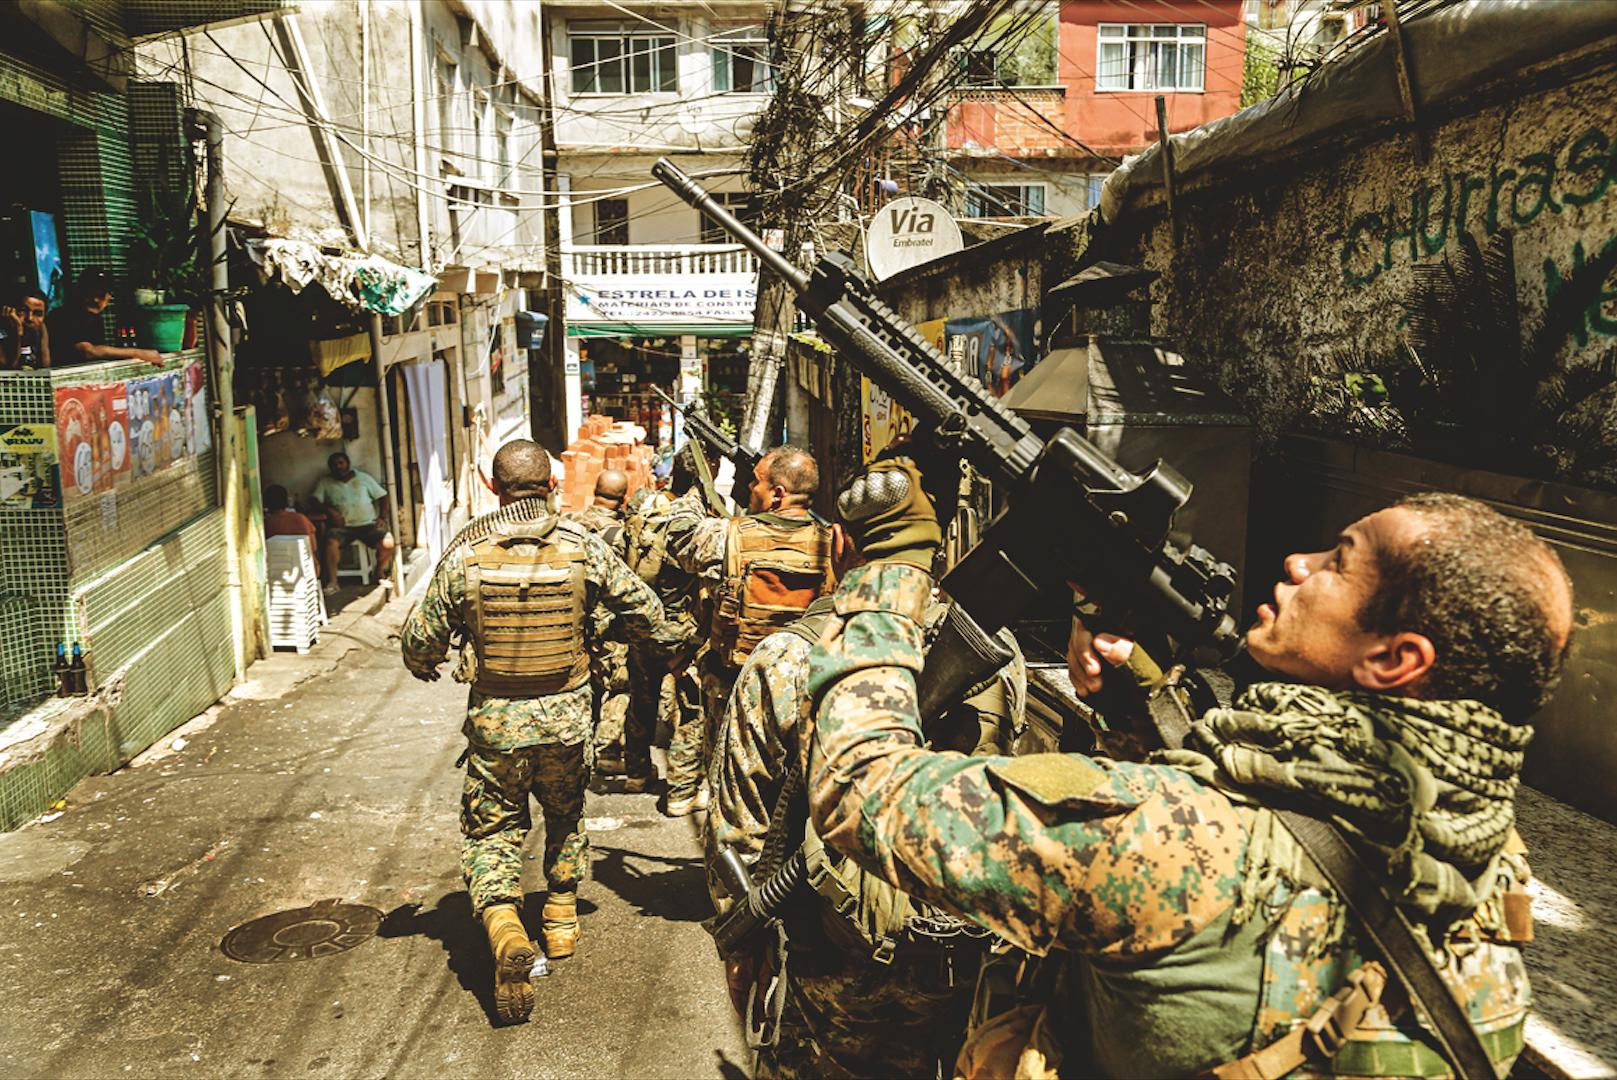 Redução dos índices de criminalidade no Rio de Janeiro: um importante legado para a sociedade